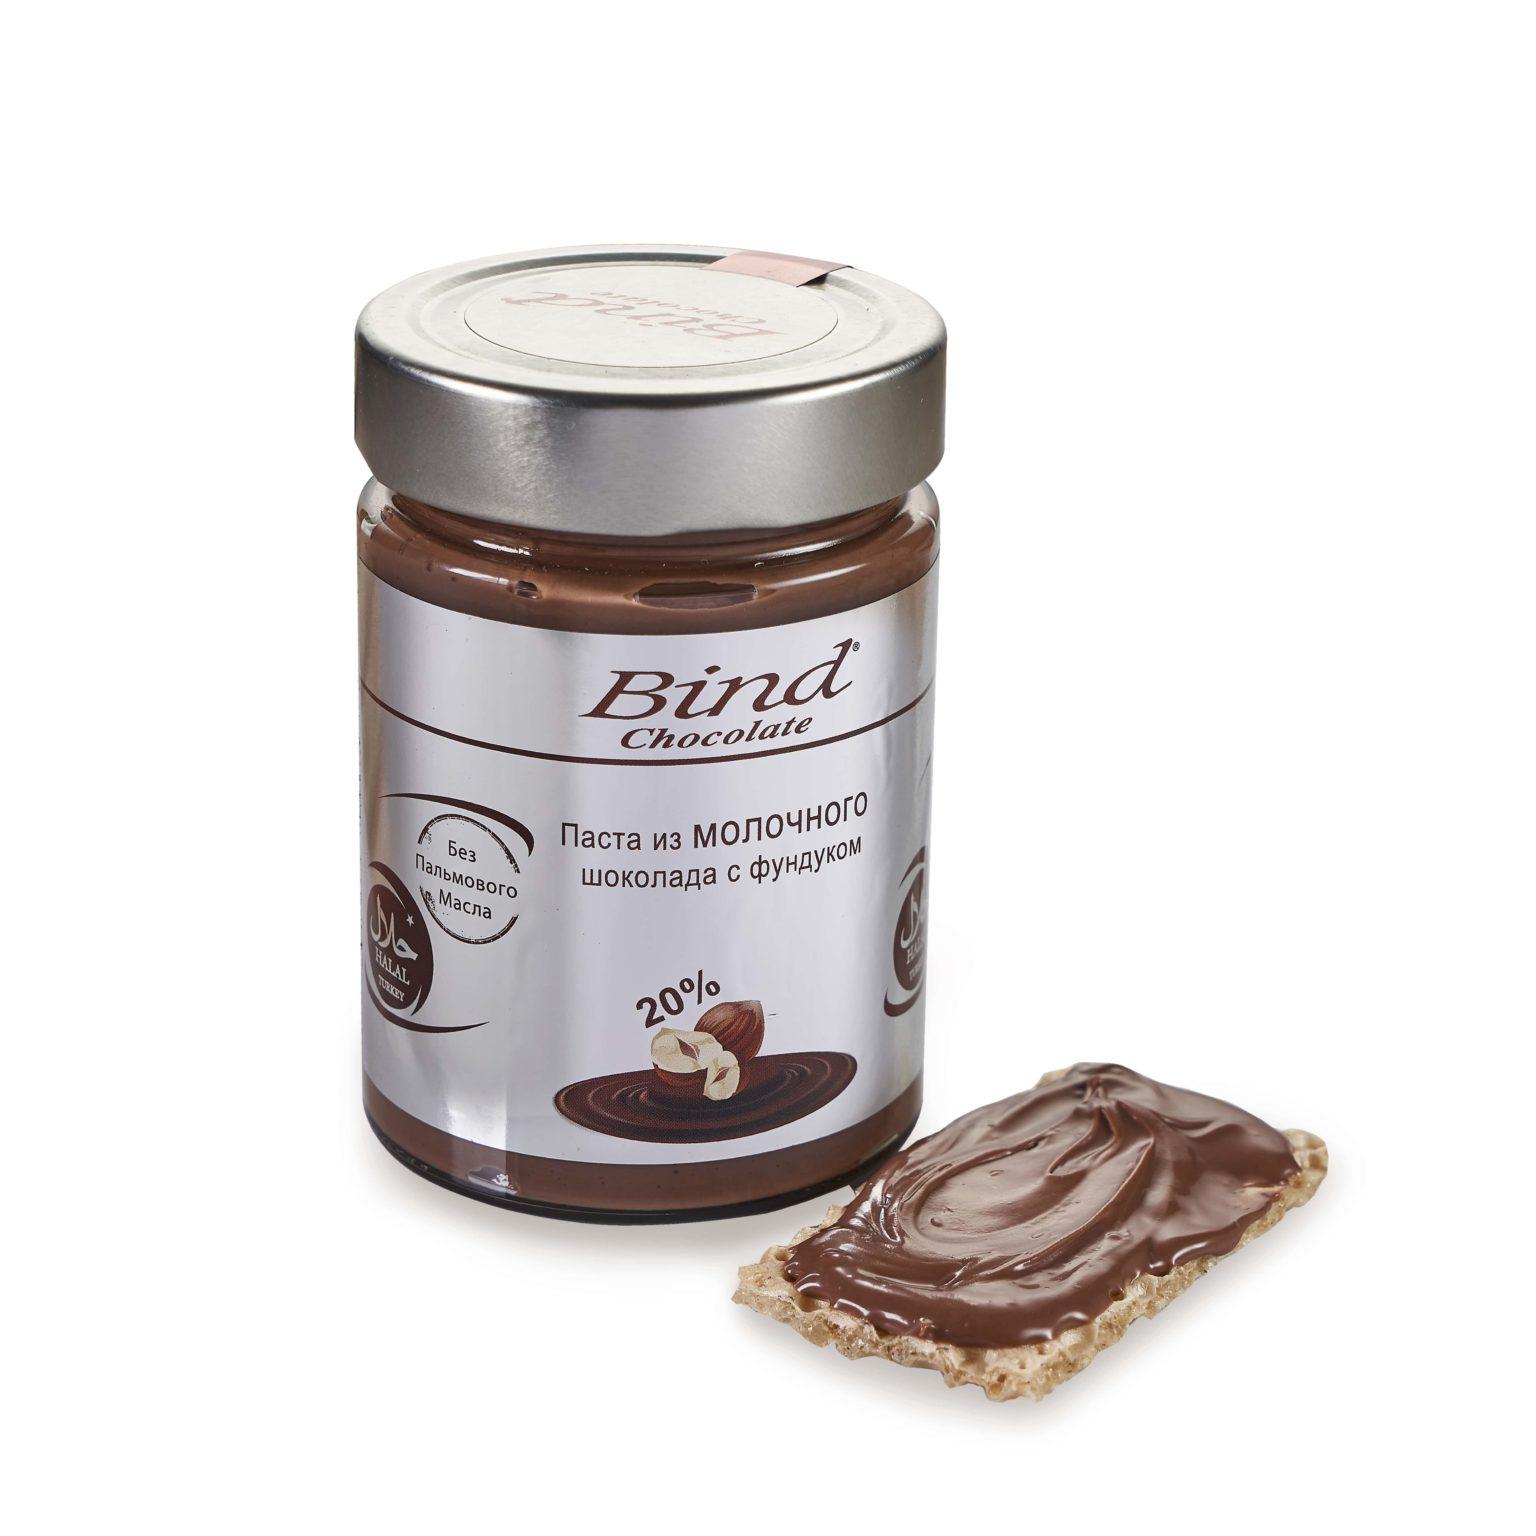 Вкуснейшая паста из молочного шоколада и фундука